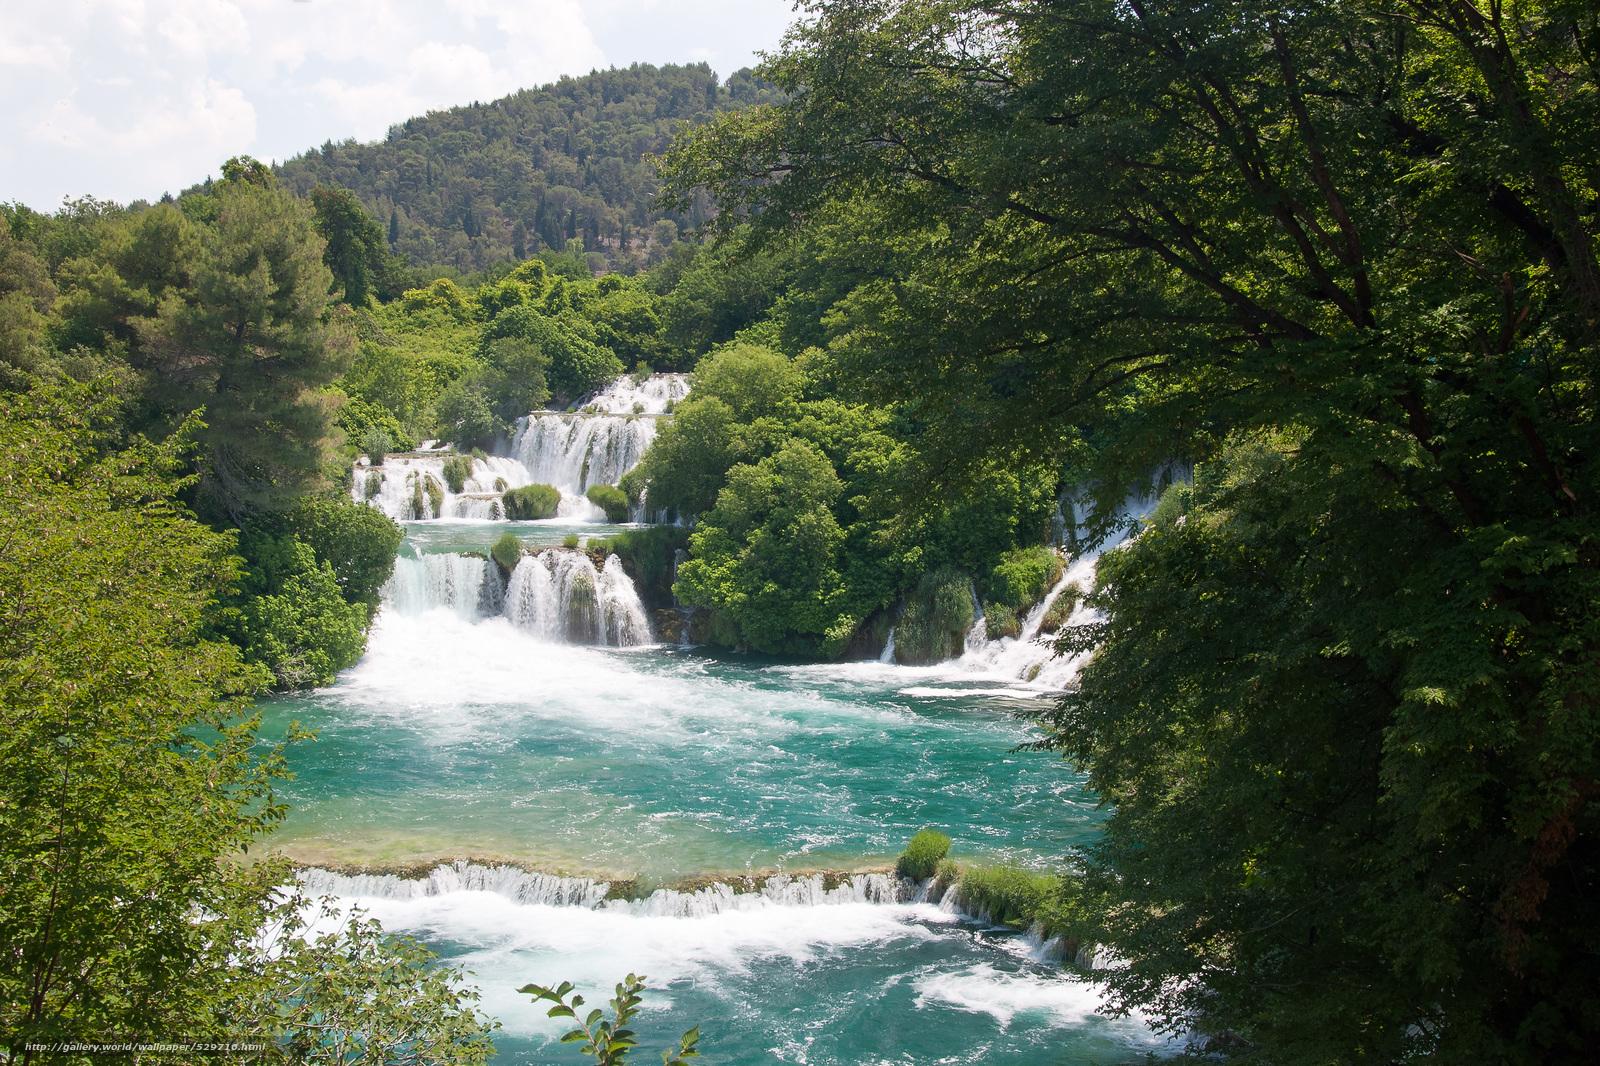 Скачать обои krka national park,  croatia,  река,  водопады бесплатно для рабочего стола в разрешении 3946x2630 — картинка №529710